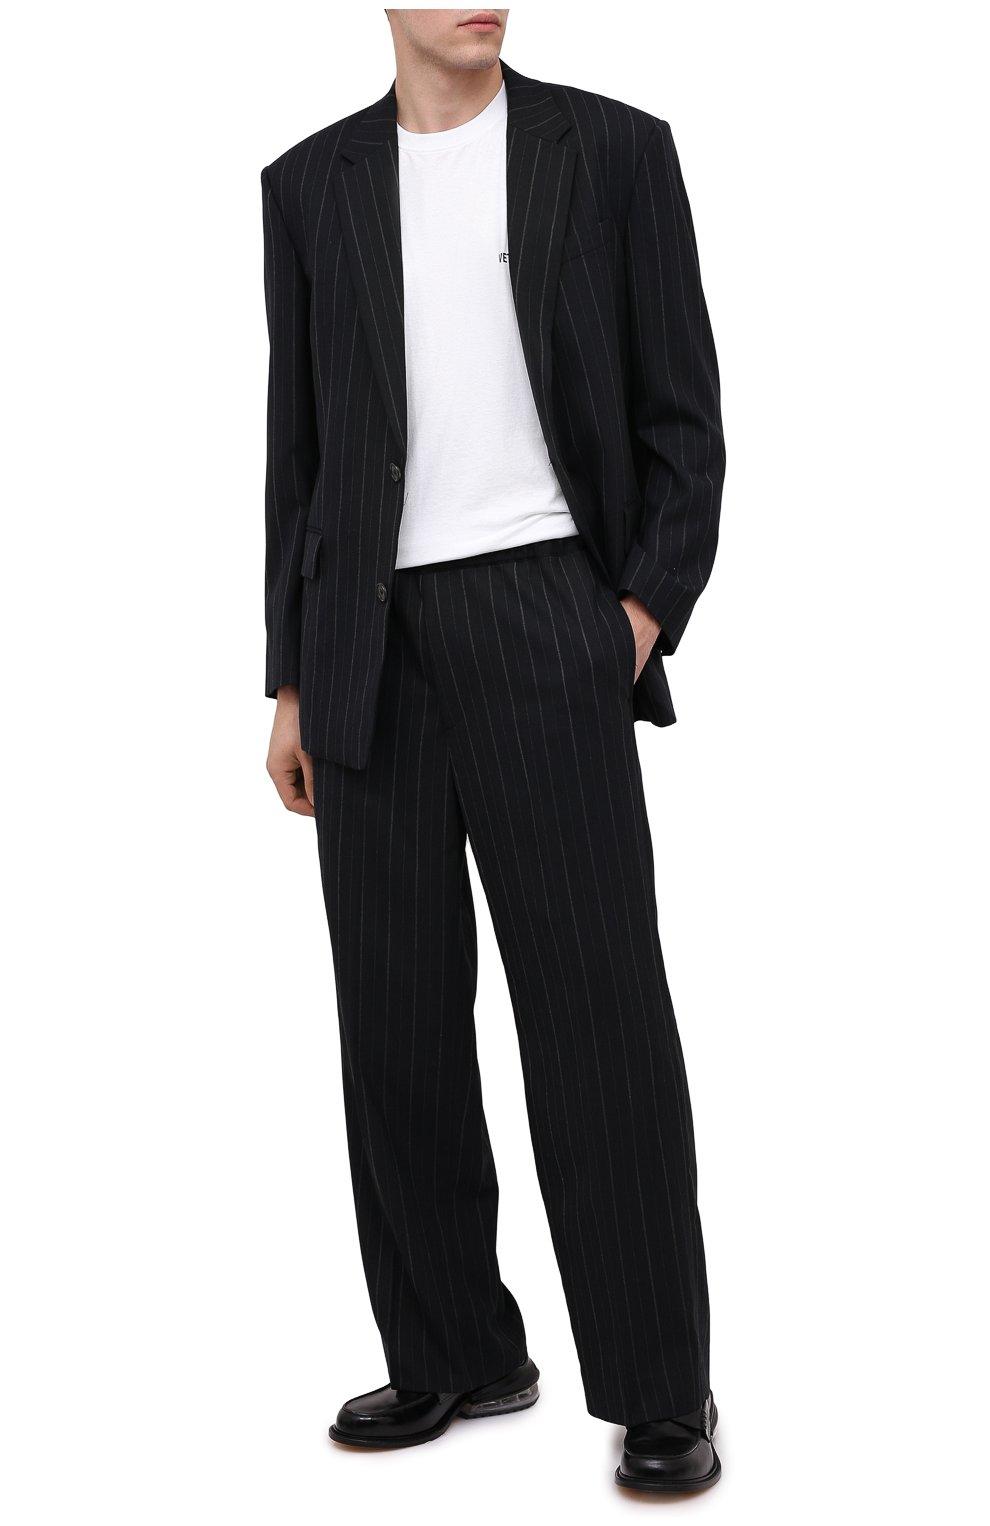 Мужские брюки JUUN.J черного цвета, арт. JC0921P055   Фото 2 (Материал внешний: Шерсть, Синтетический материал; Длина (брюки, джинсы): Стандартные; Случай: Повседневный; Материал подклада: Синтетический материал; Стили: Минимализм)